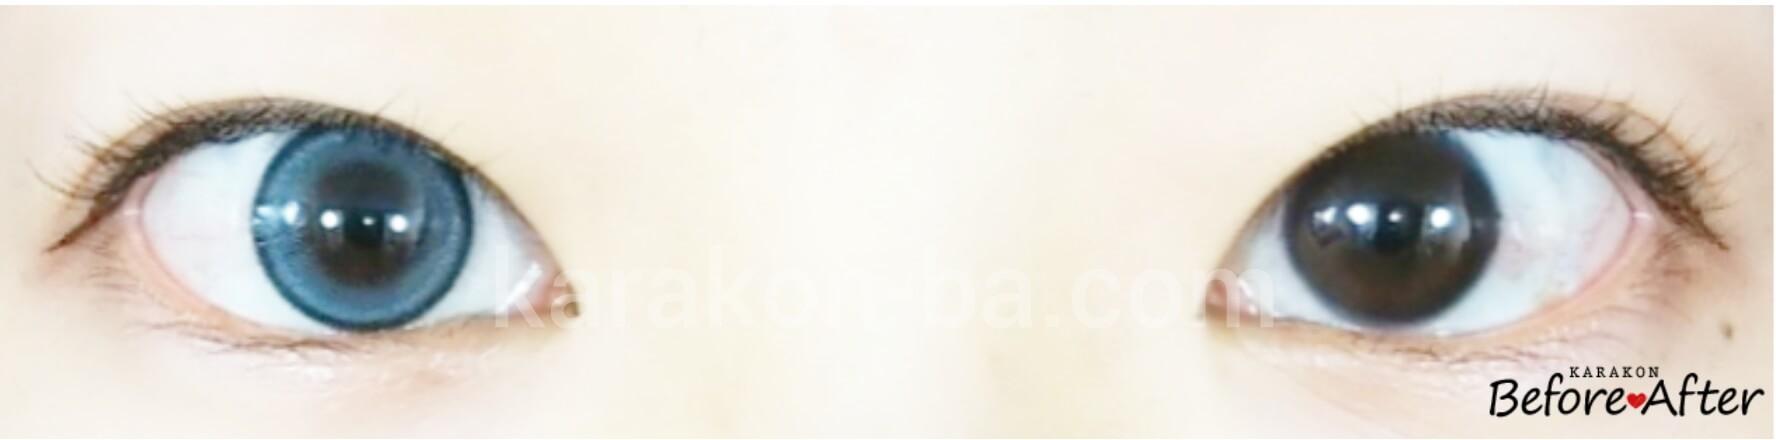 ライトアクアのカラコン装着画像/裸眼と比較